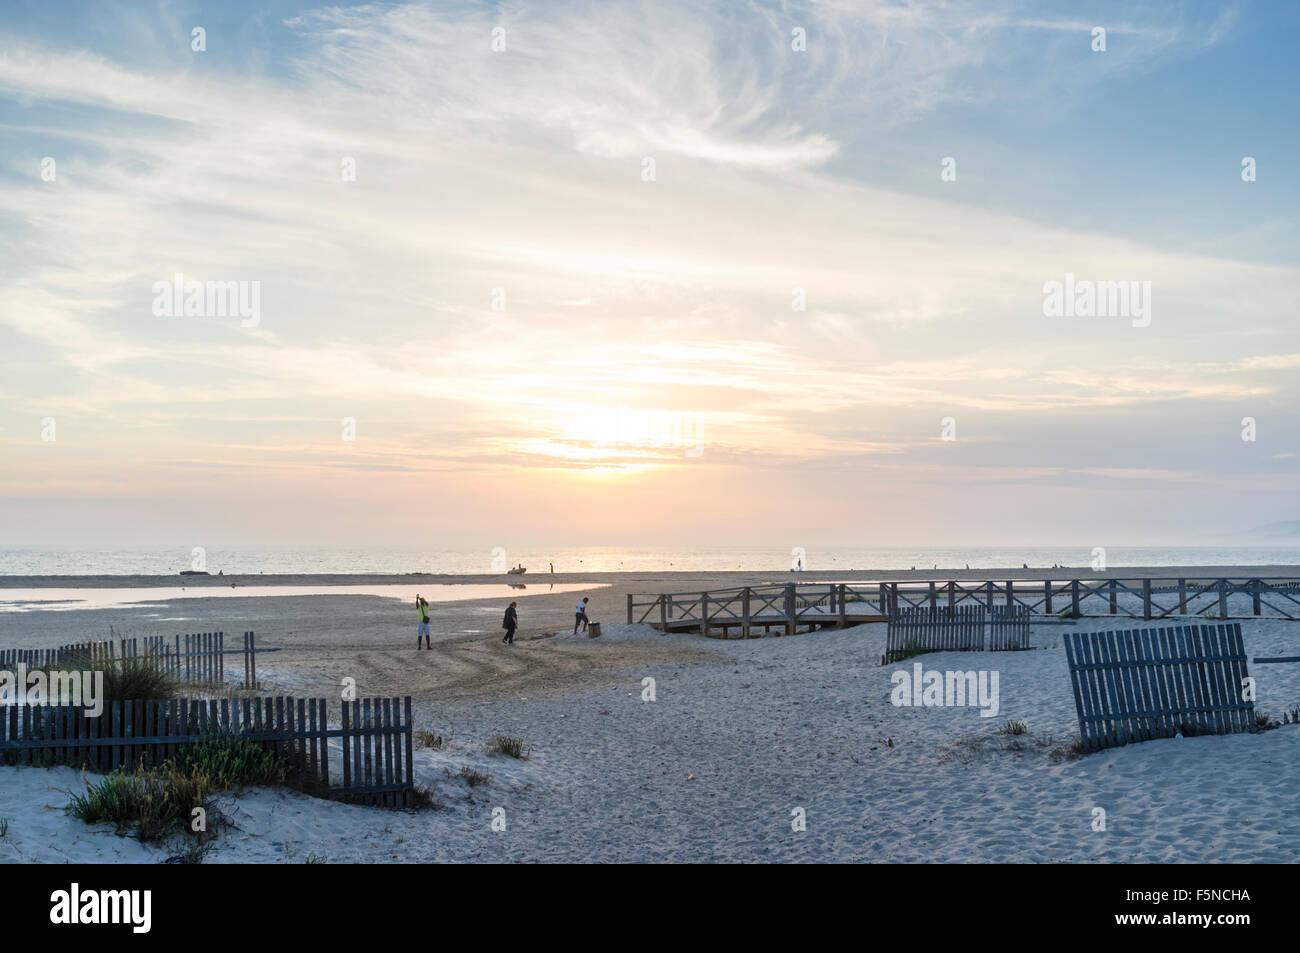 Tramonto a tarifa spiaggia con sabbia scherma. Tarifa, Andalusia, Spagna Immagini Stock